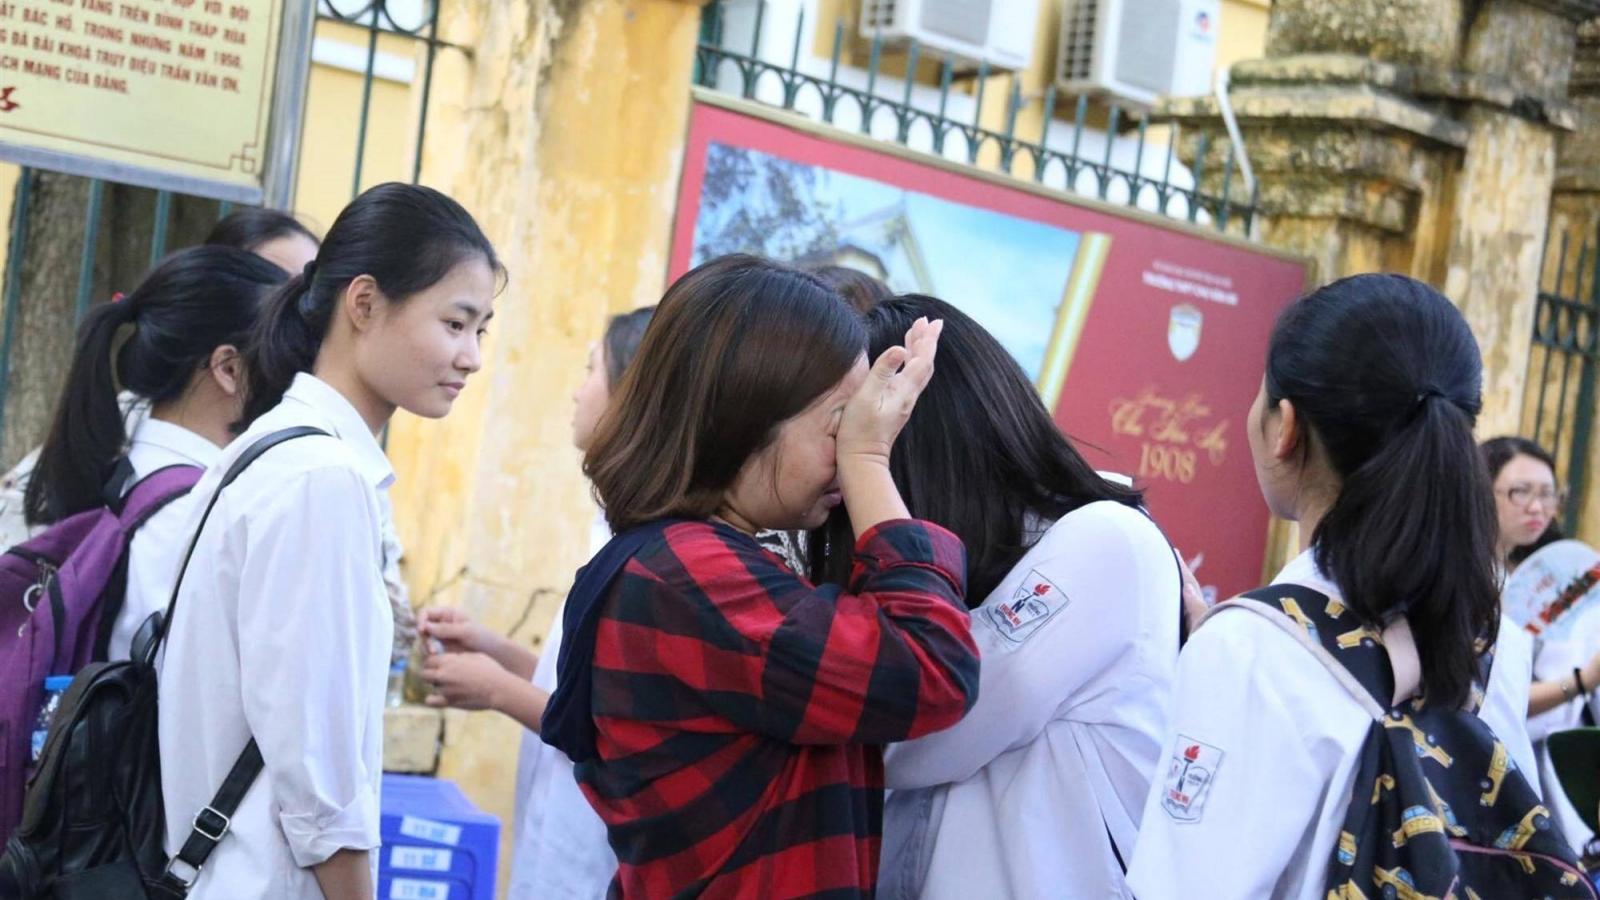 Phụ huynh, học sinh lớp 9 ở Hà Nội đứng ngồi không yên vì dịch Covid-19